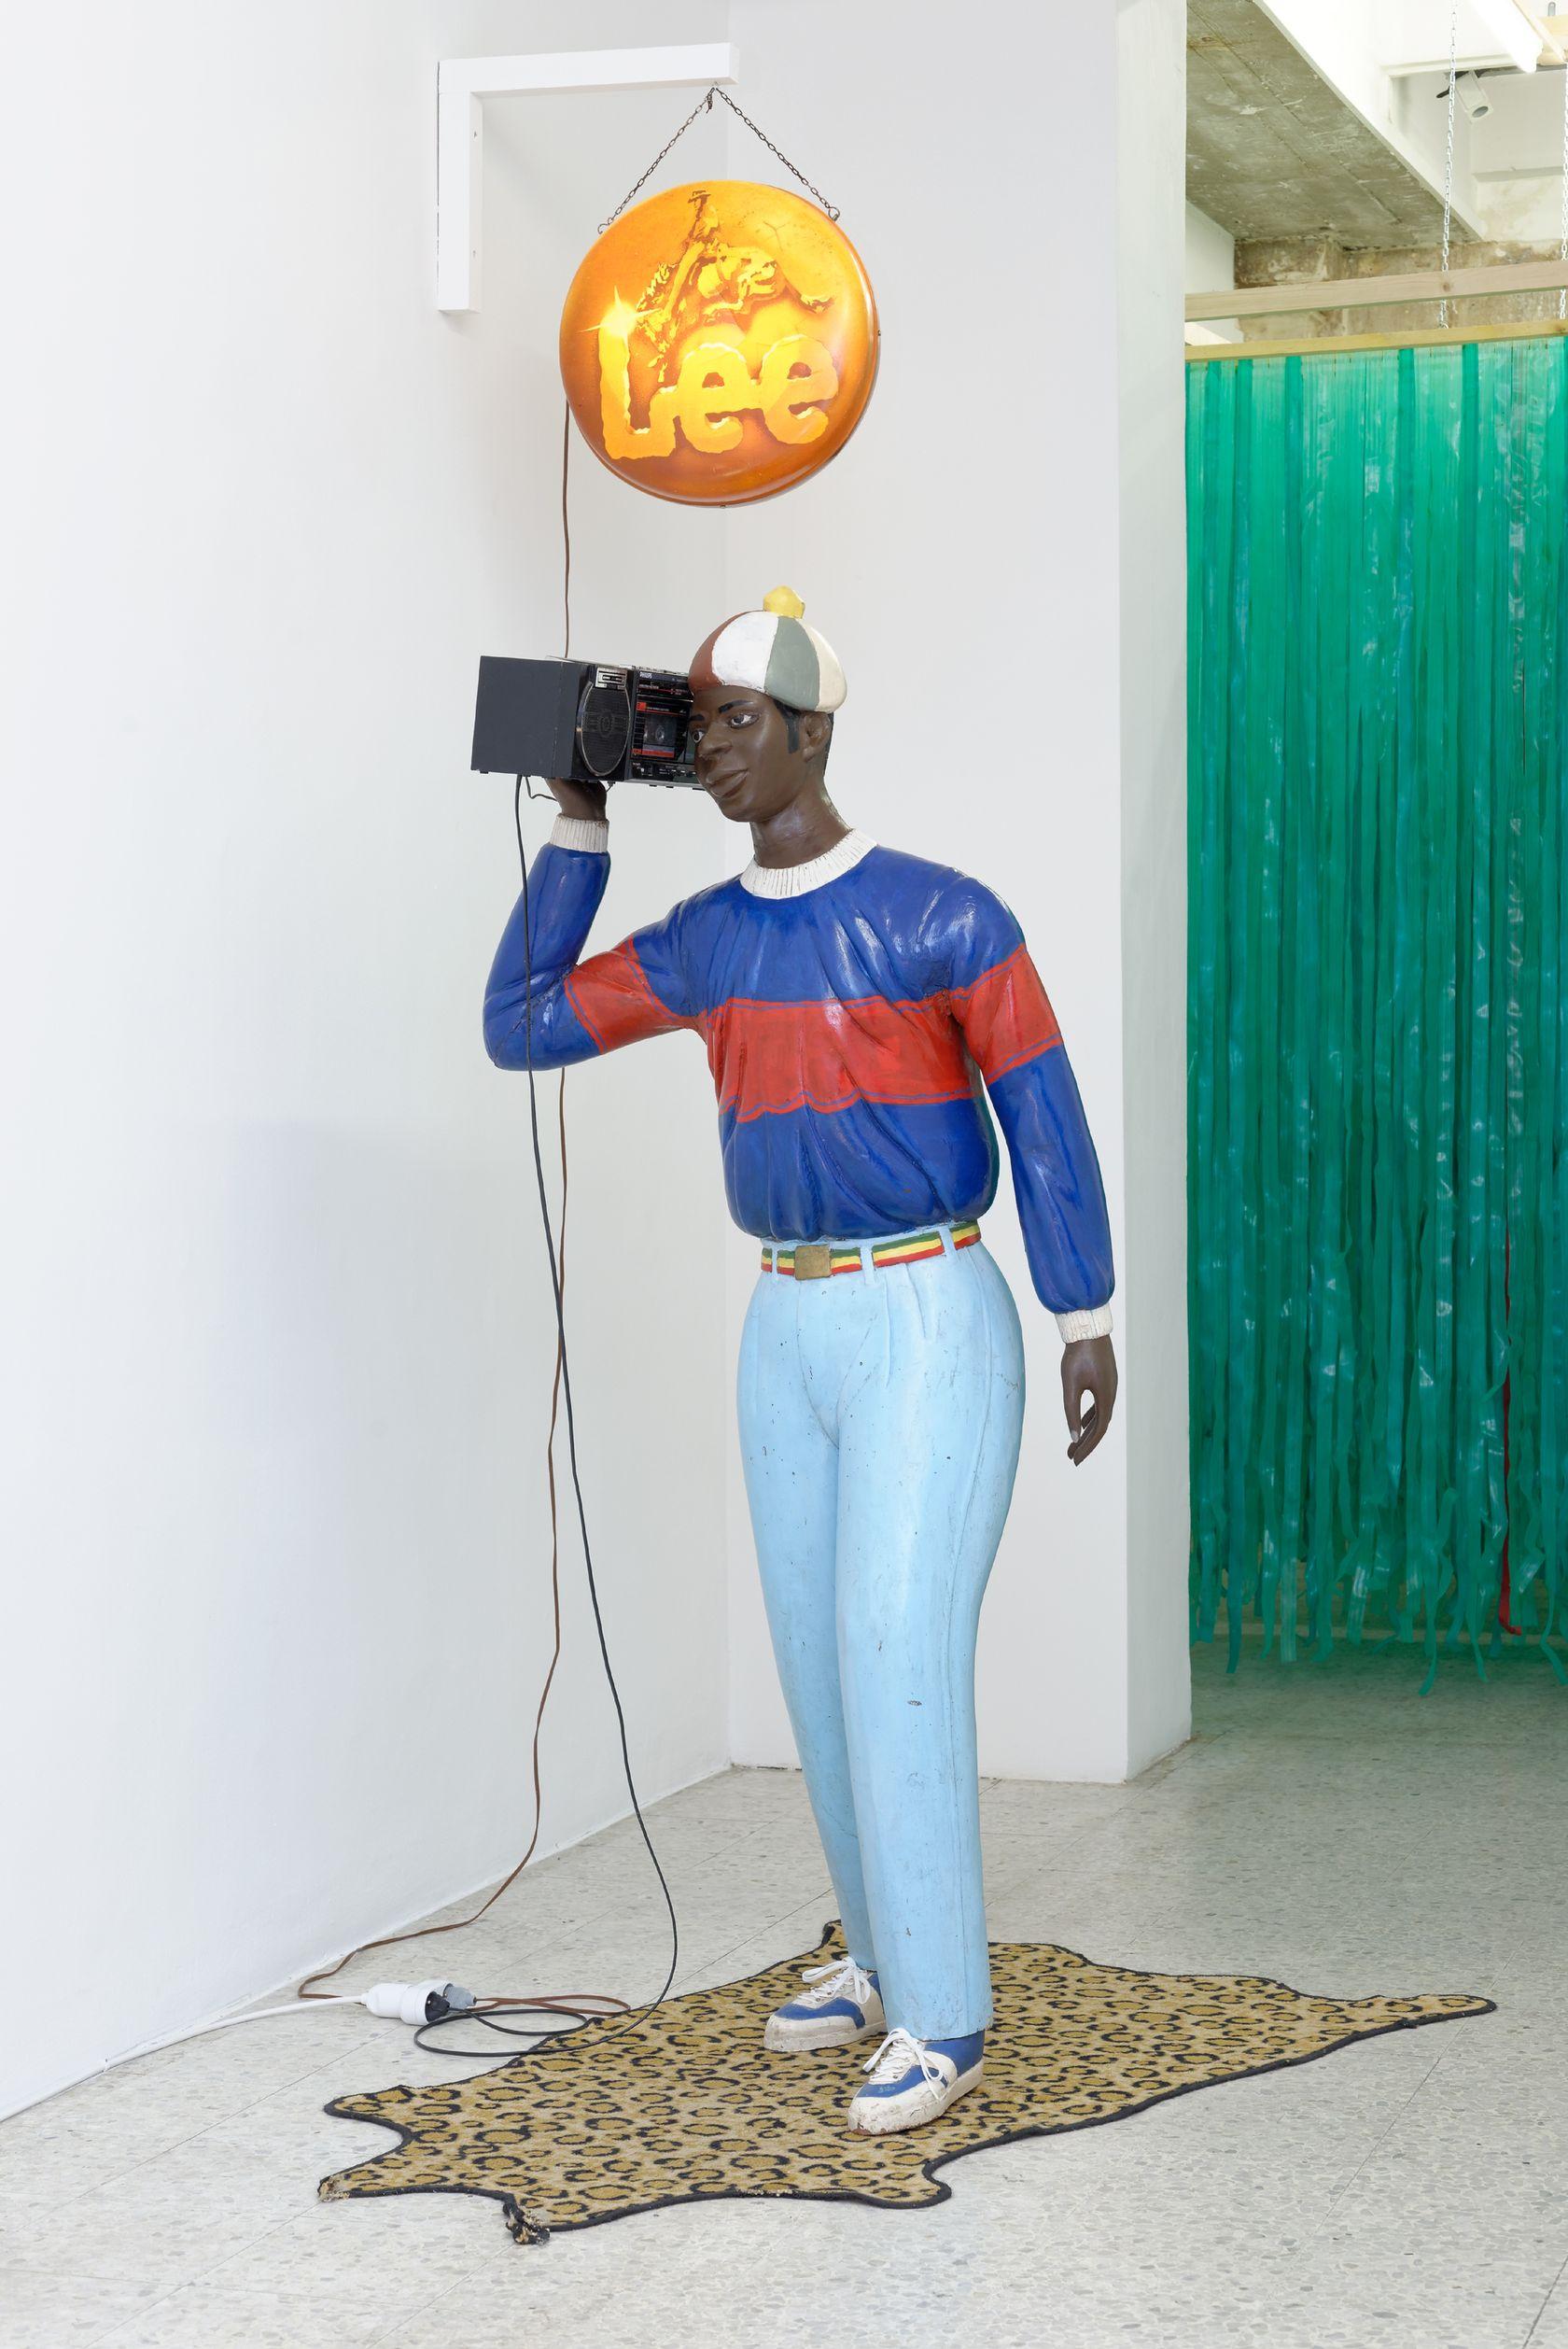 Présence Panchounette, Disco Boy, 1985 Sculpture en bois peint (par Nicolas Damas), ghetto blaster et cassette audio, tapis, enseigne lumineuse174 × 68 cm / 68 1/2 × 26 6/8 in.